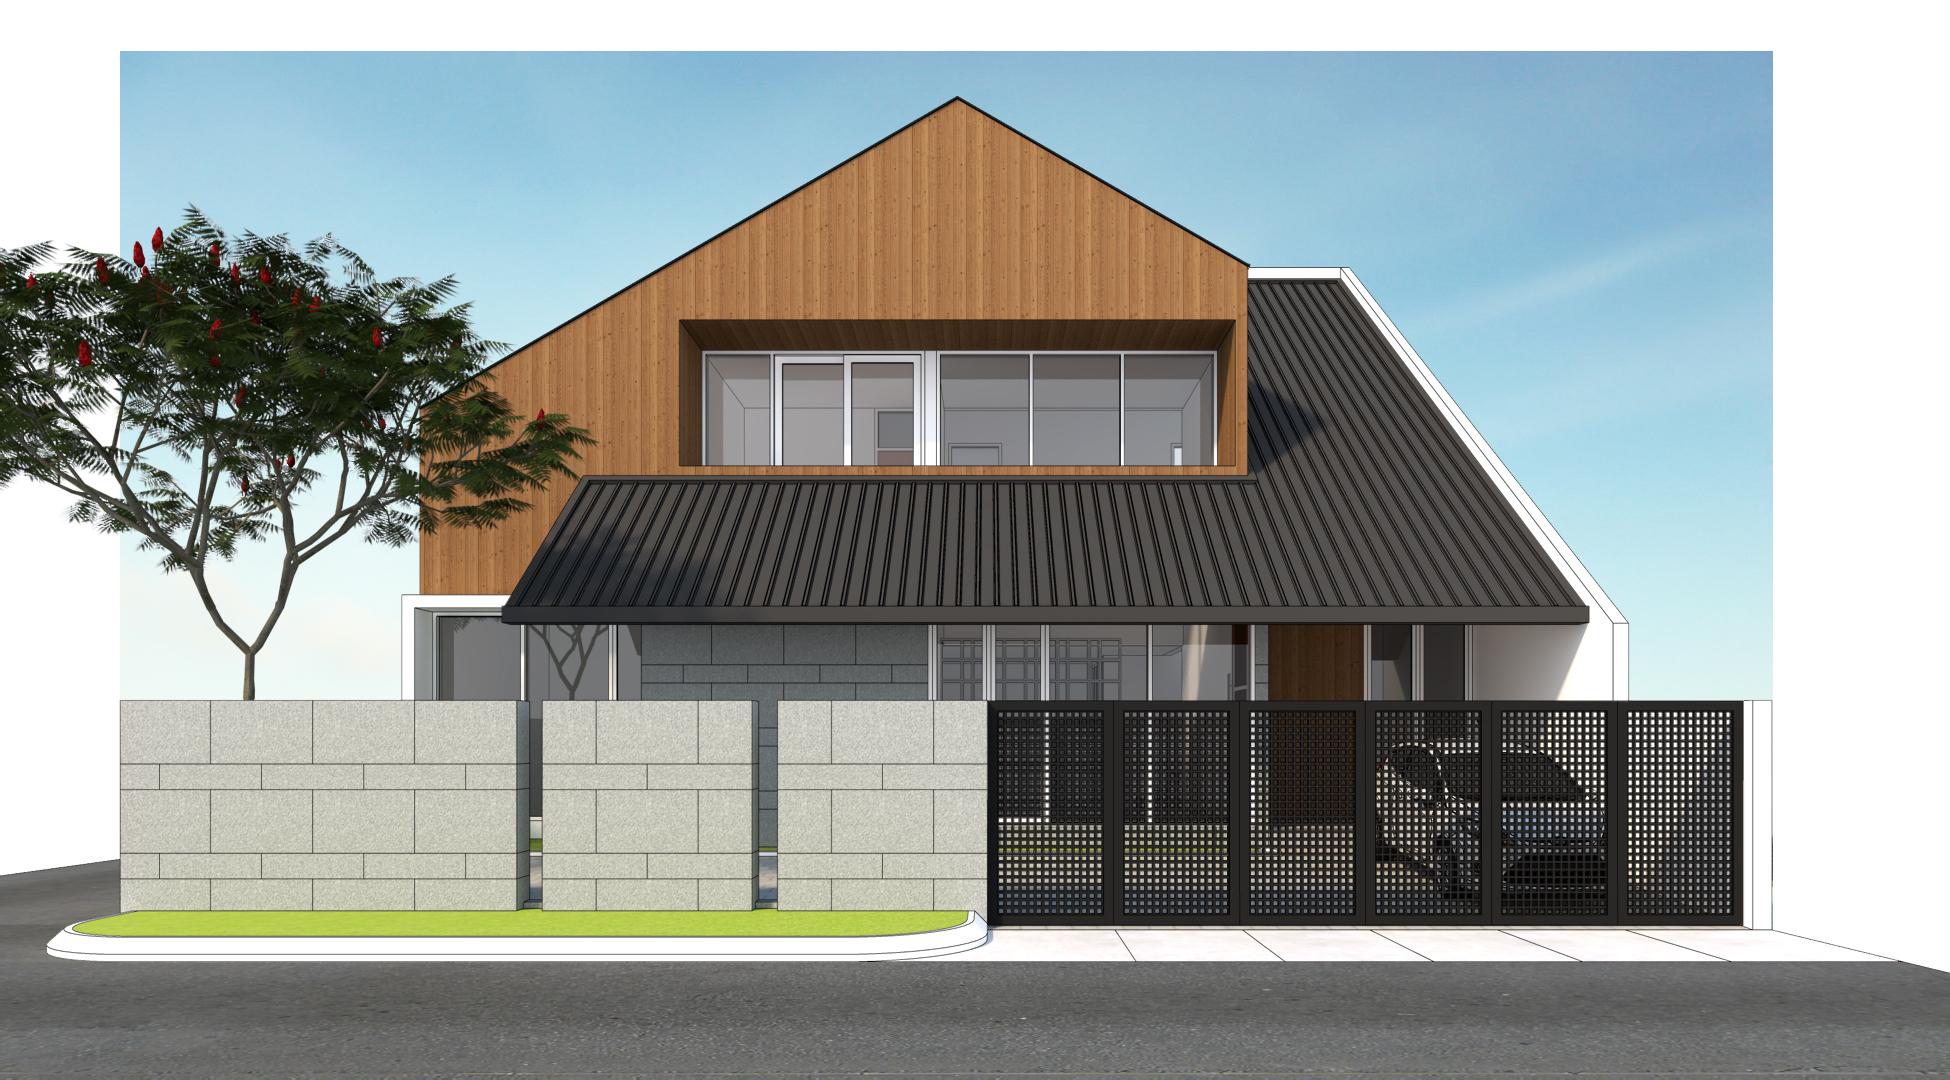 2017-S62B-HOUSE-001